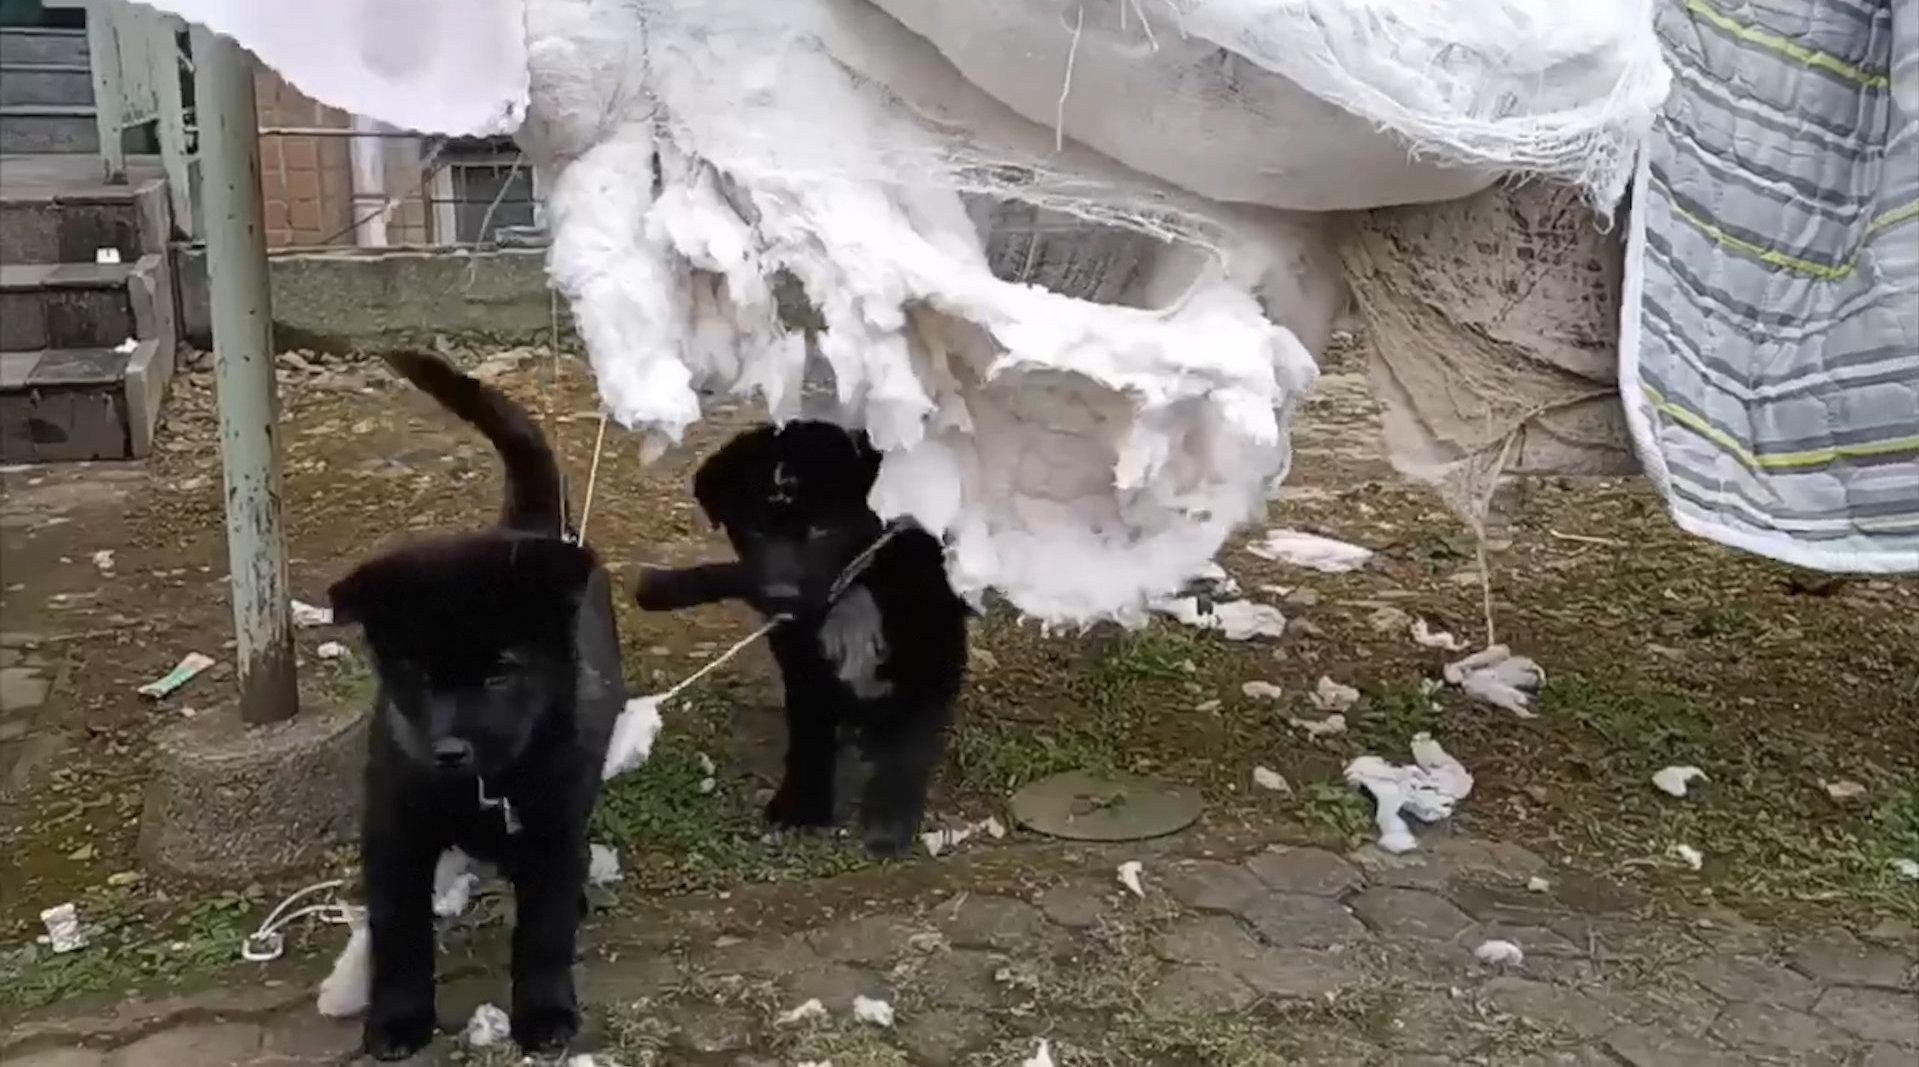 笑哭了!两只小黑狗校园撒欢咬破学生晒的被子和衣服…………